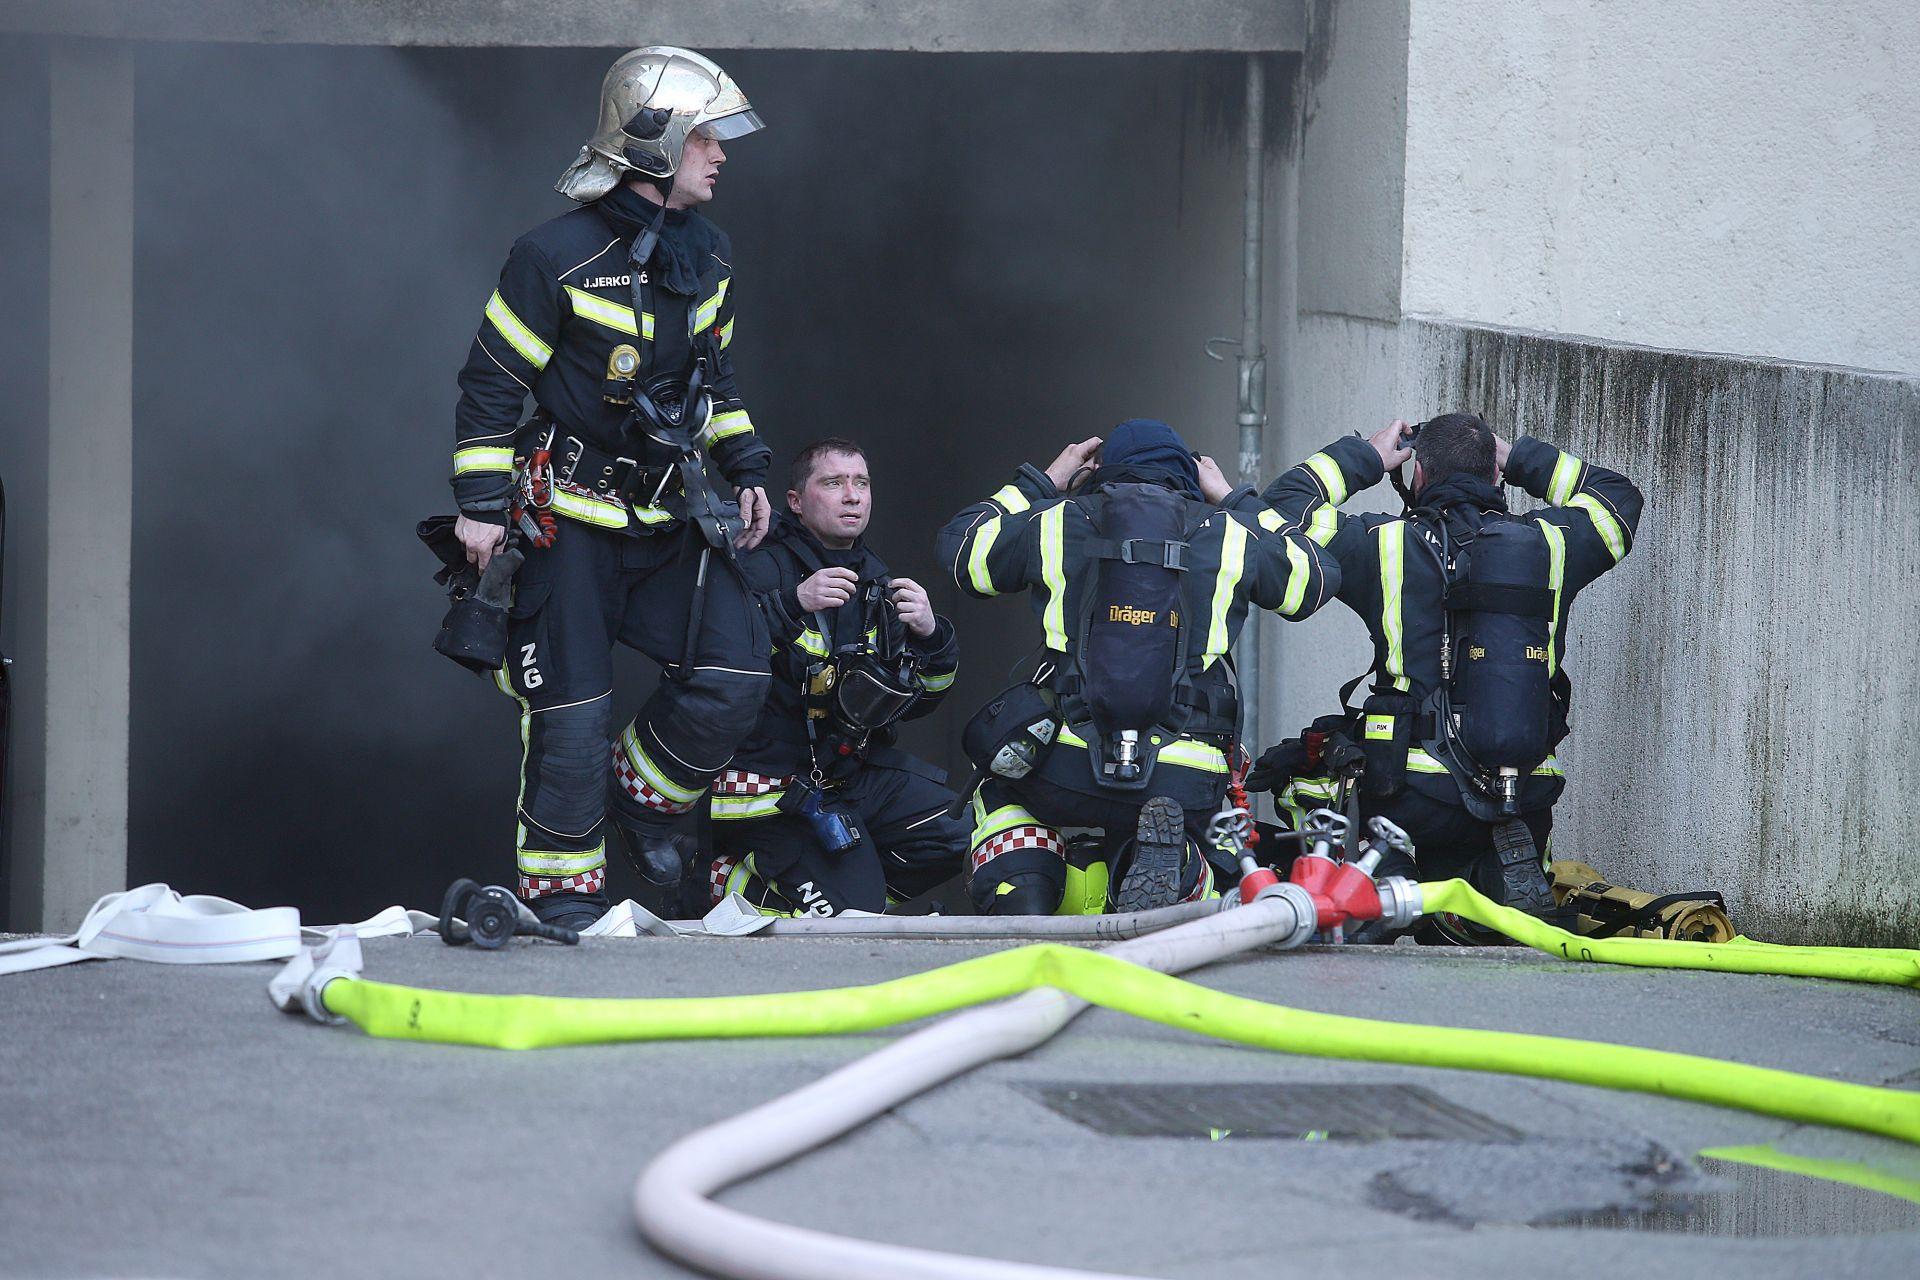 VATROGASCI IZBJEGLI TRAGEDIJU: U zapaljenim garažama nalazile se plinske boce